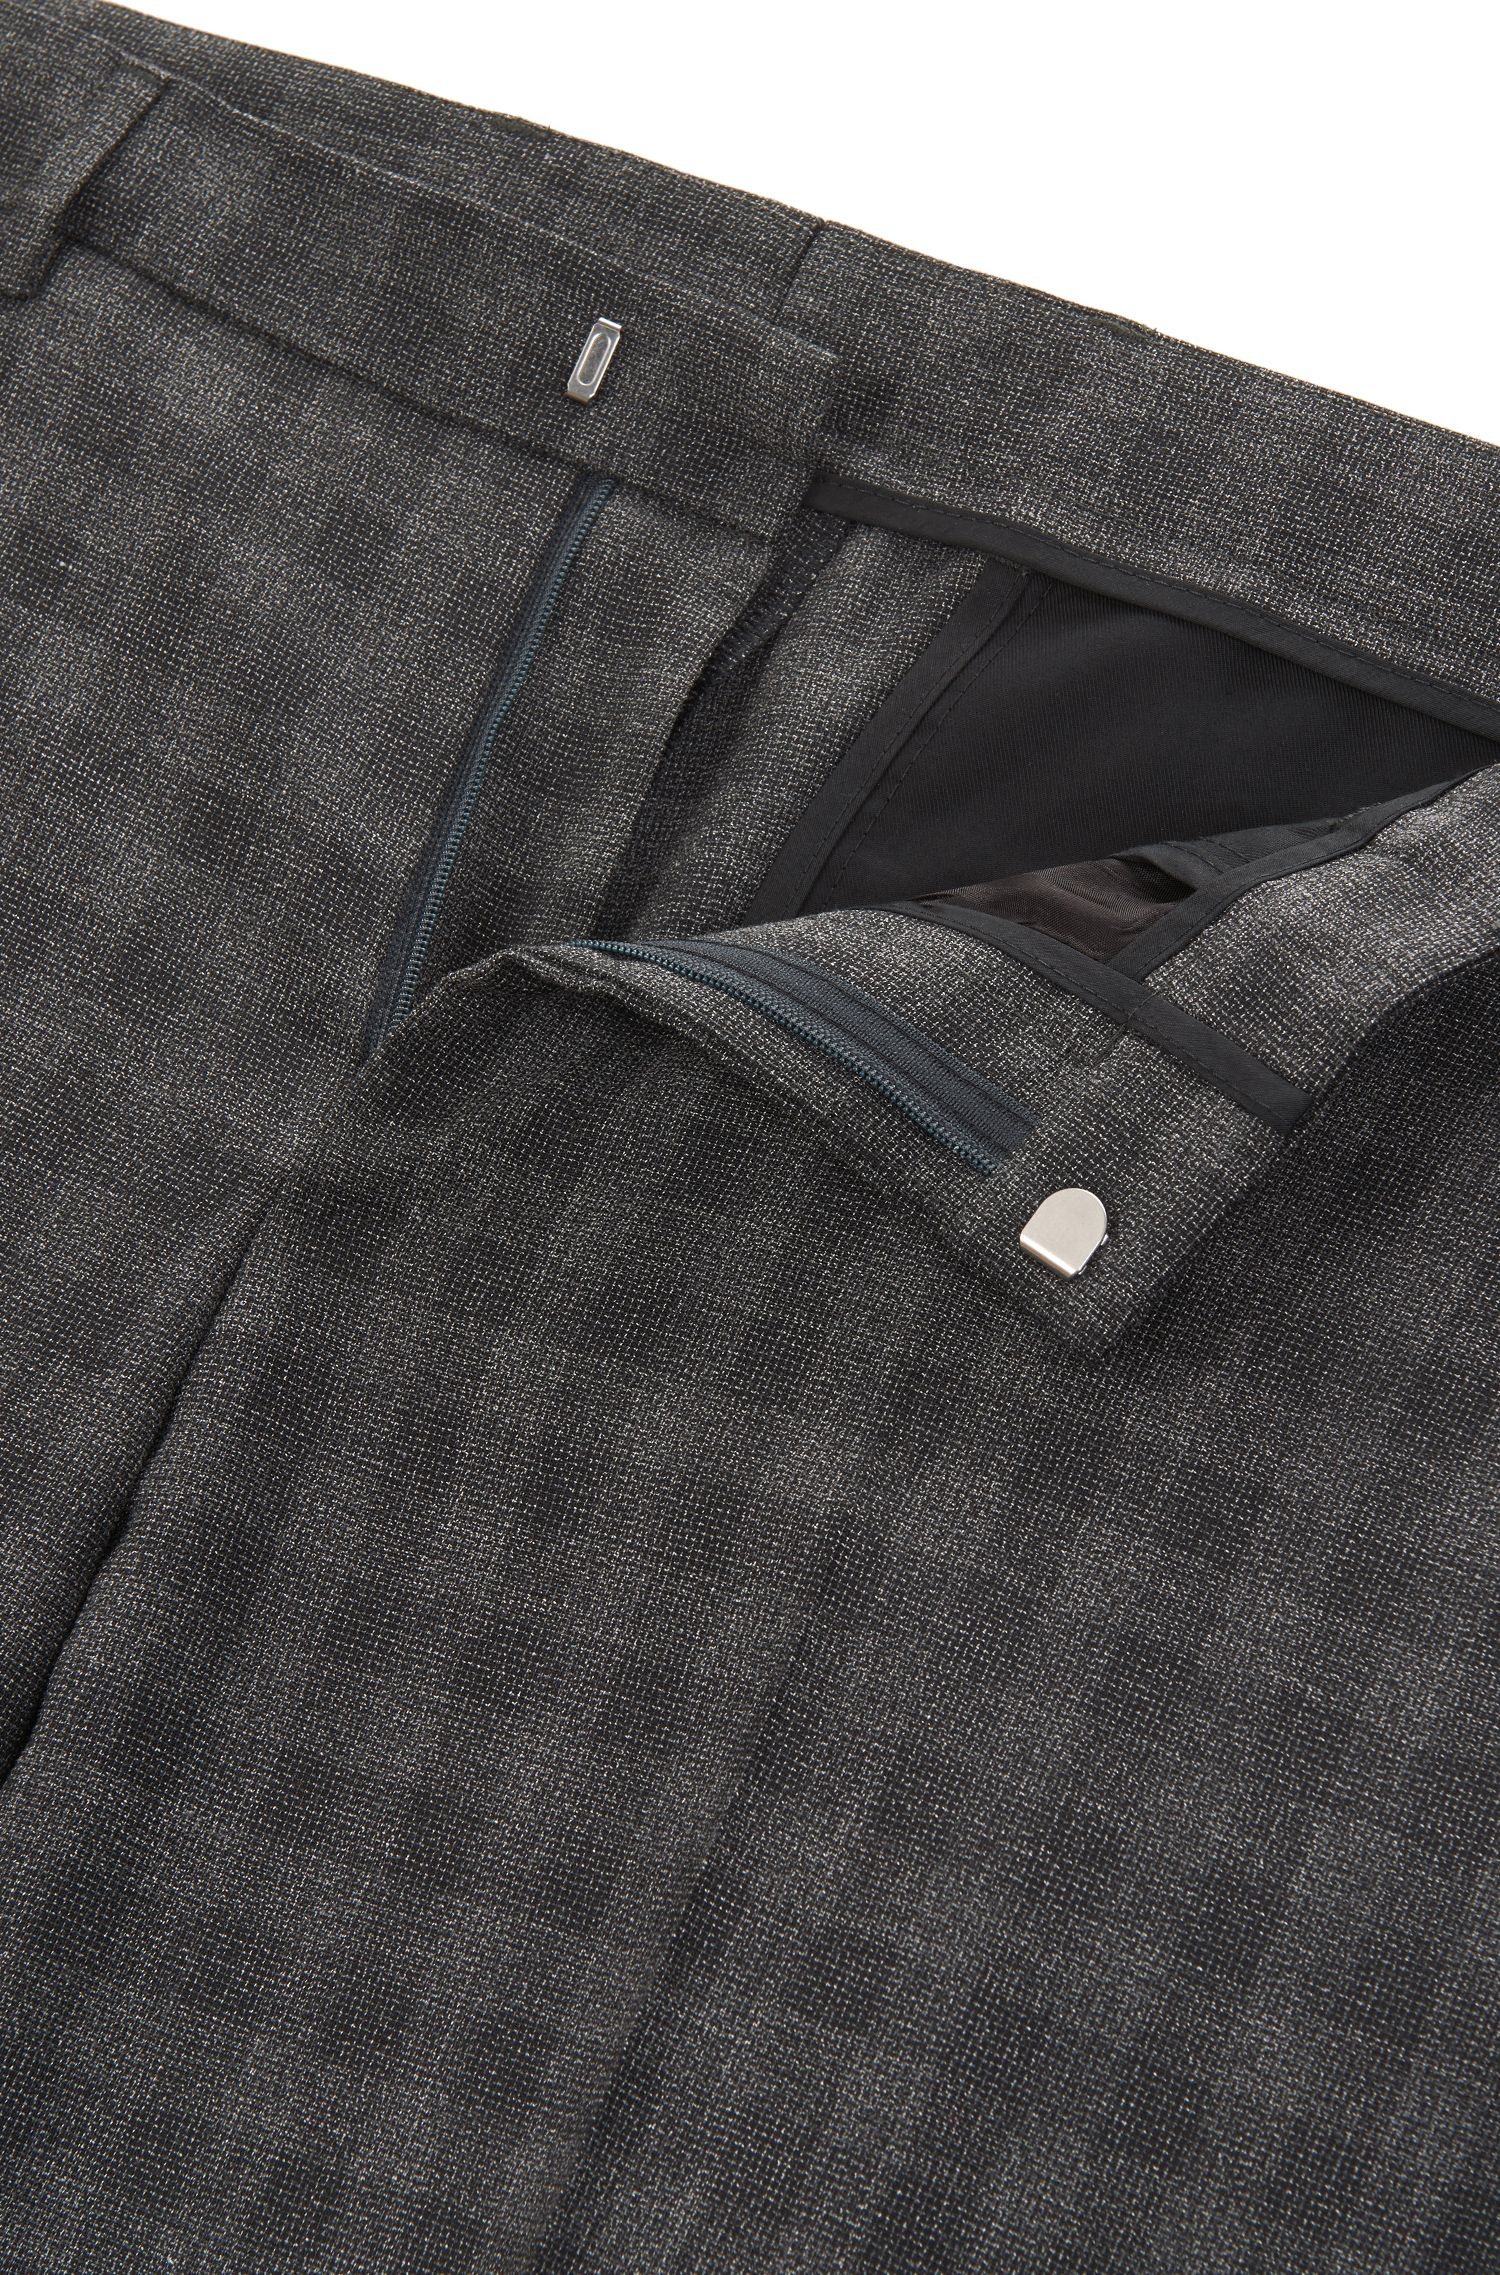 Karierter Slim-Fit Anzug aus Schurwoll-Mix mit Baumwolle